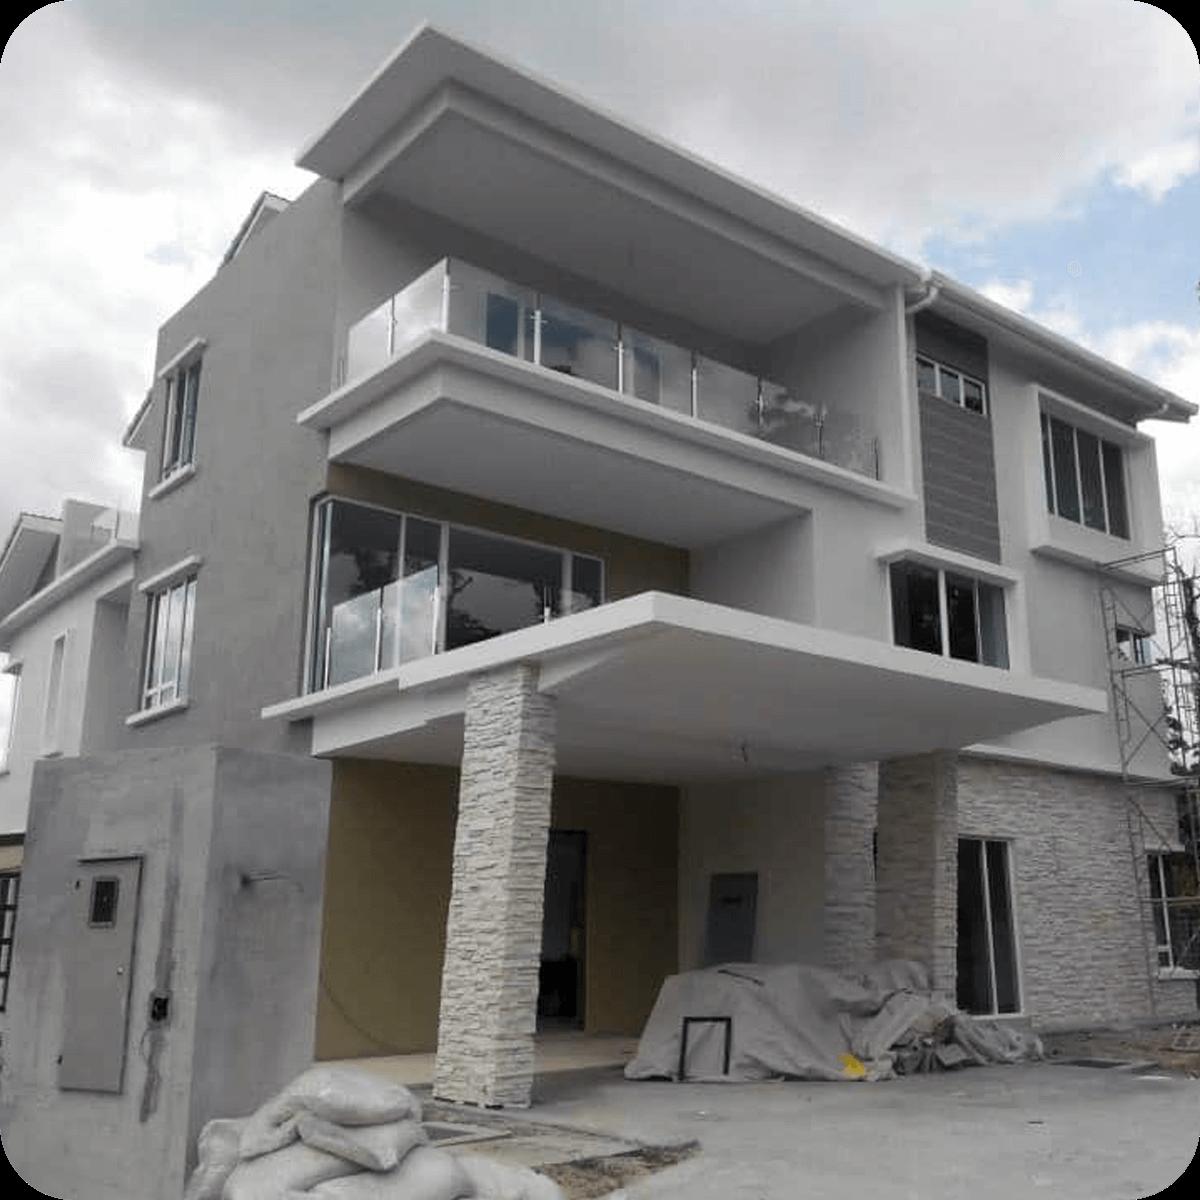 Rumah IBS | Kontraktor Bina Rumah IBS (LPPSA, KWSP & Tunai) 15